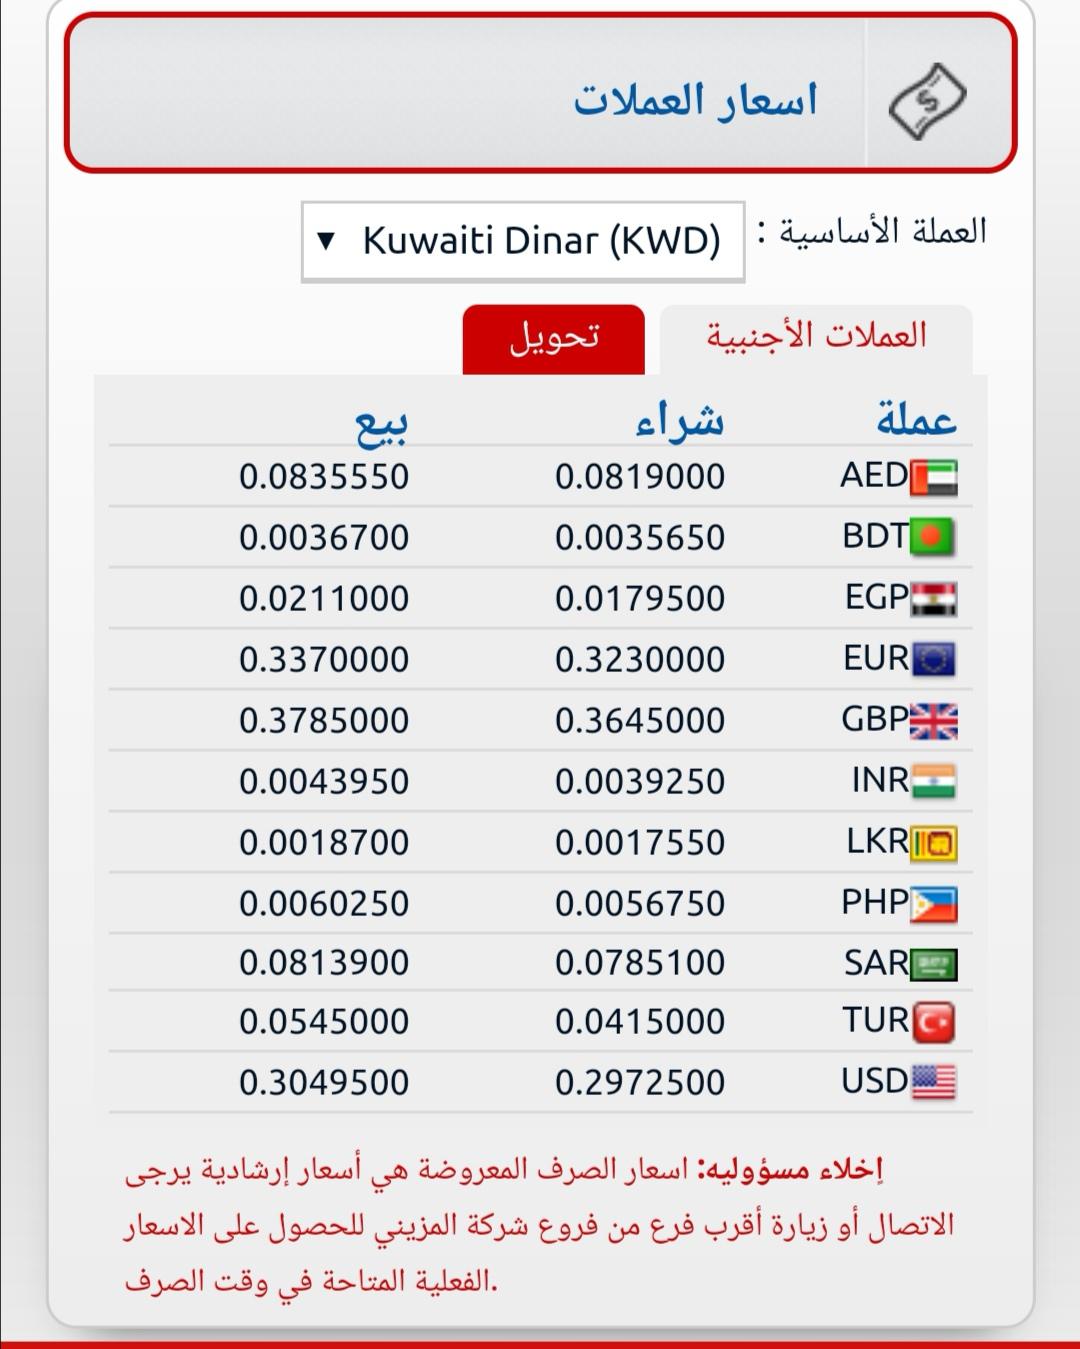 سعر الالف المصري في صرافة المزيني اليوم سعر تحويل العملات بالكويت